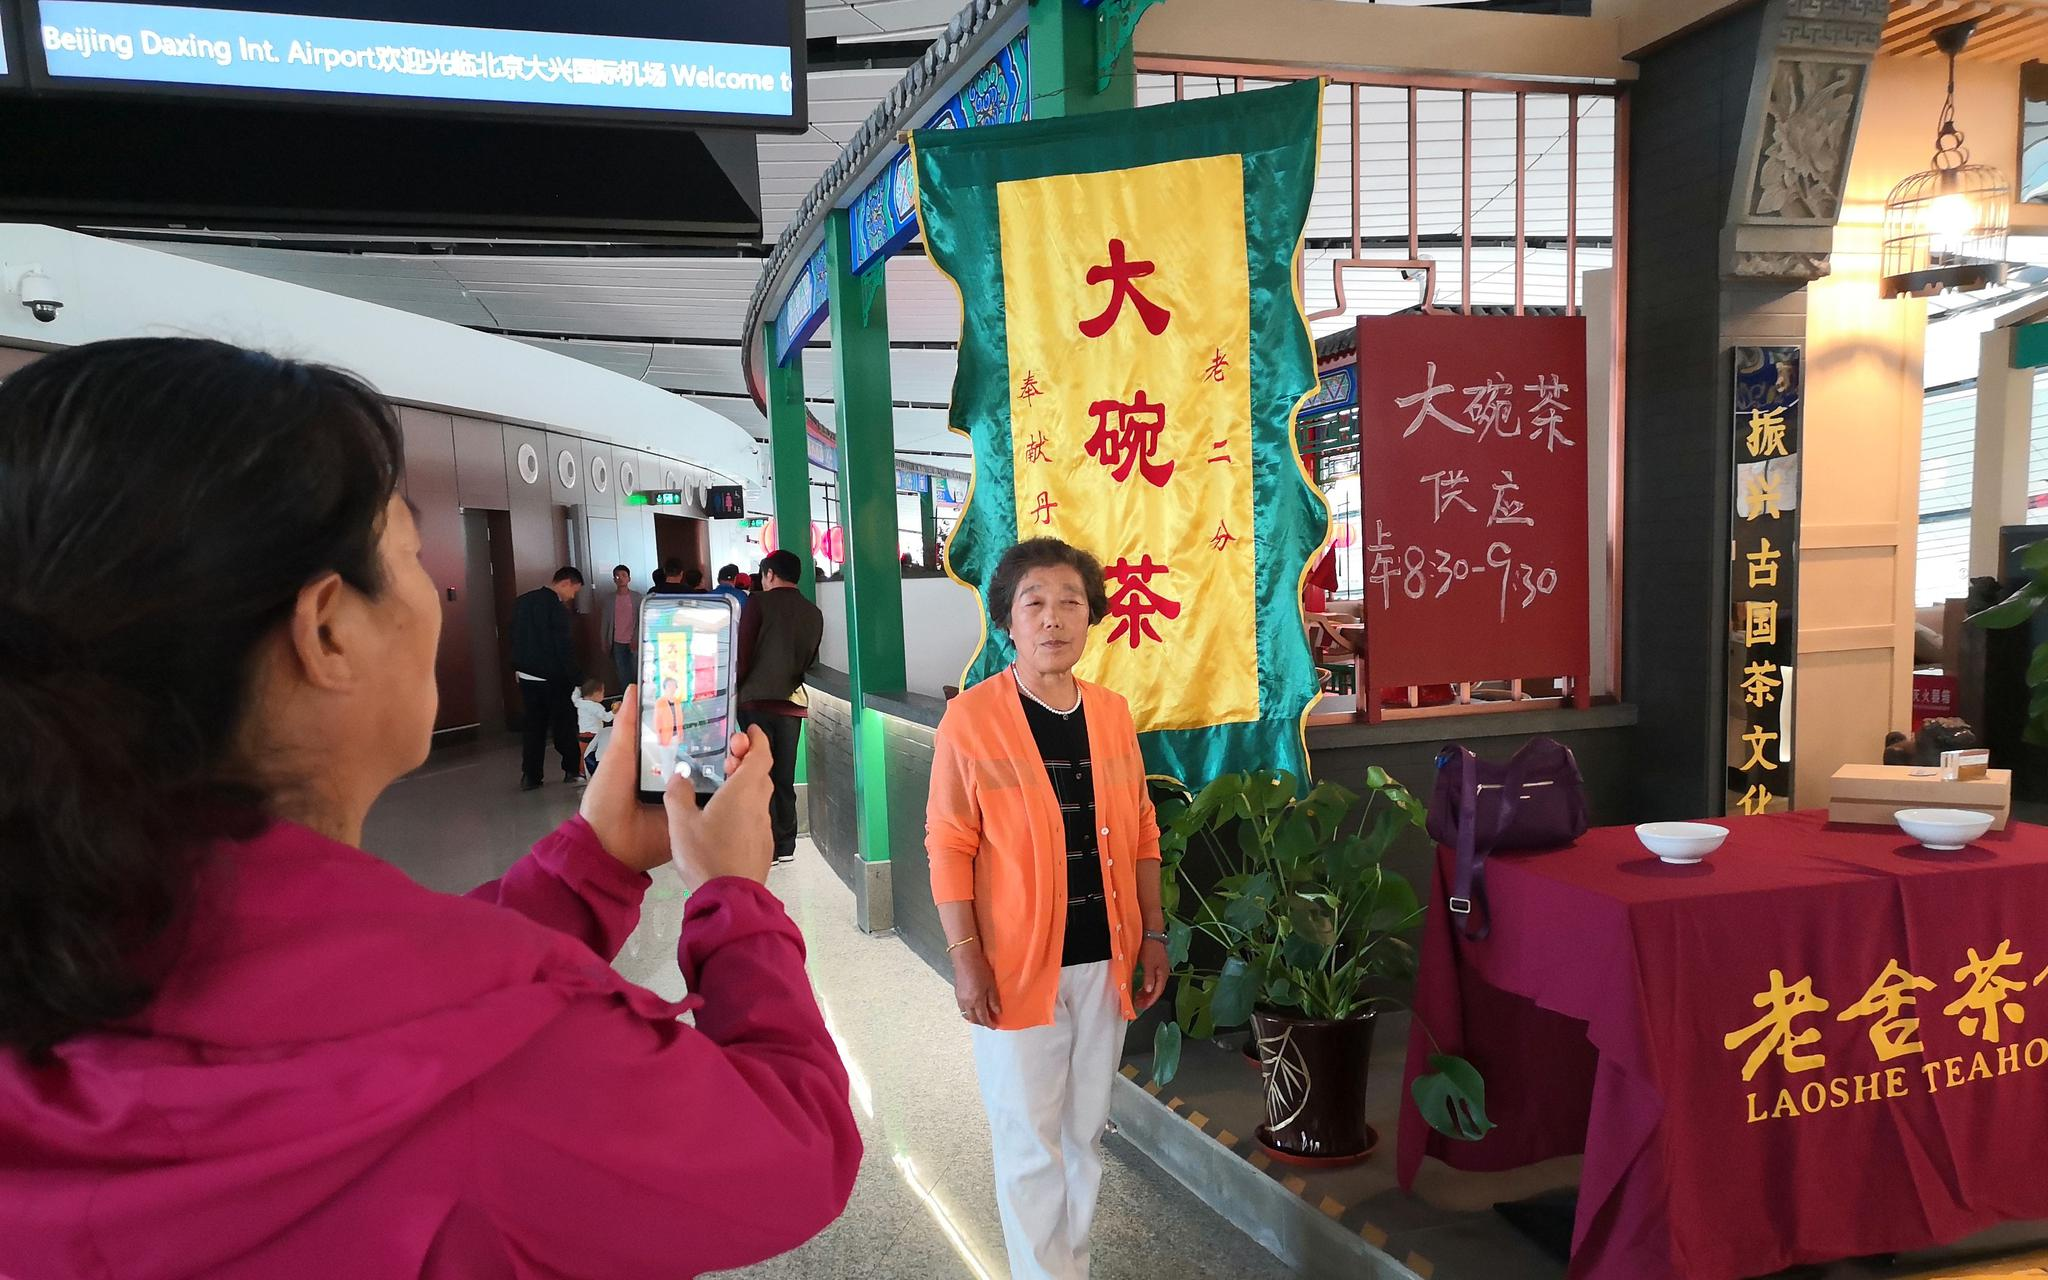 """叶辰良 国庆假期游客打卡大兴机场,""""大碗茶""""、故宫口红受追捧"""